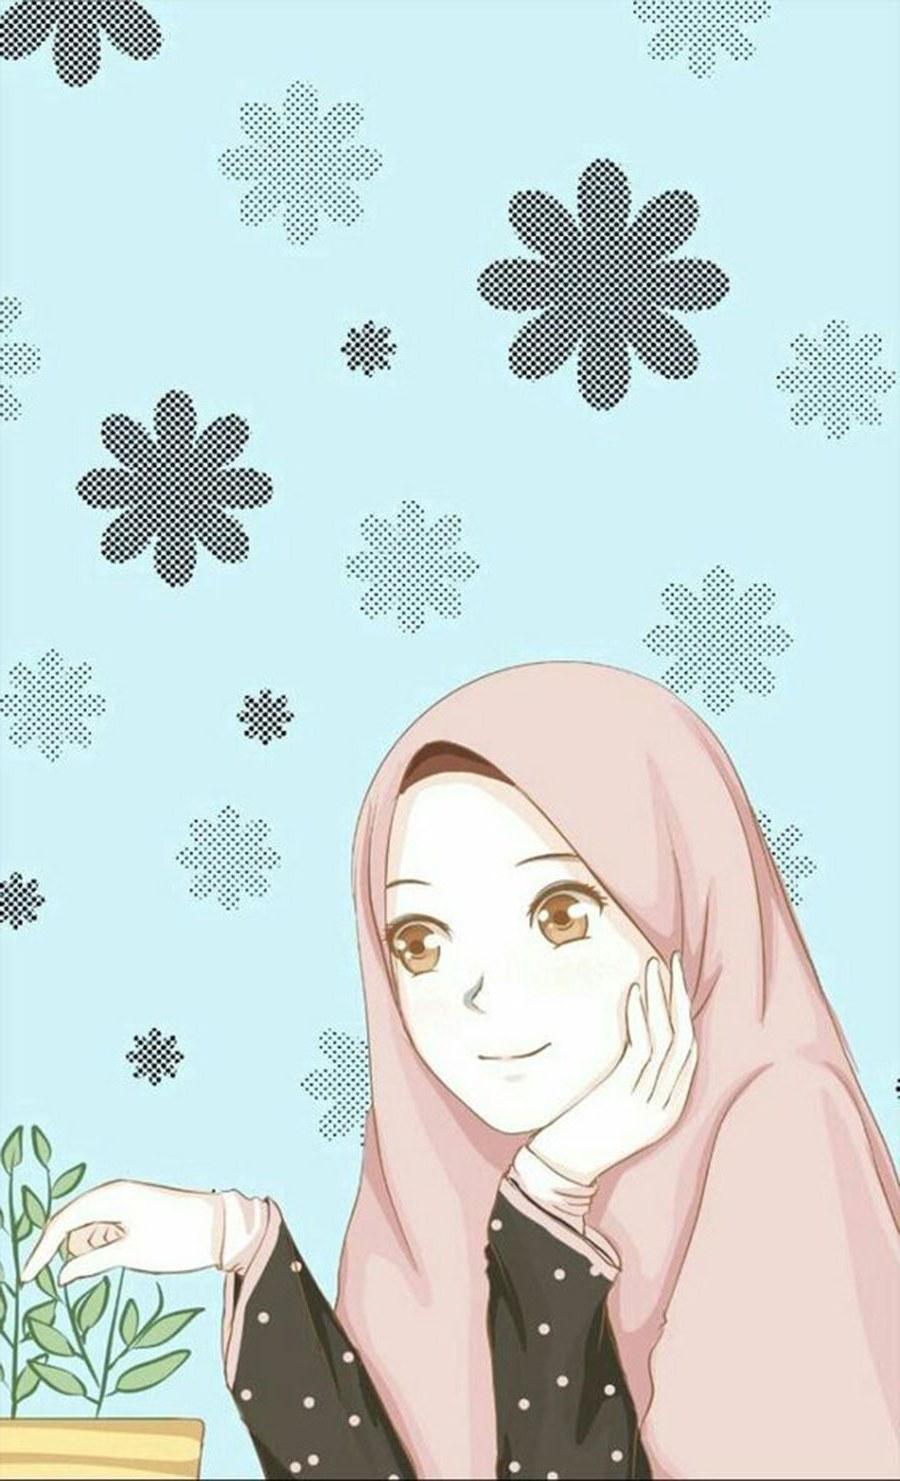 Inspirasi Muslimah Kartun Lucu Zwdg Wallpaper Kartun I Muslimah Lucu Wallpaperall